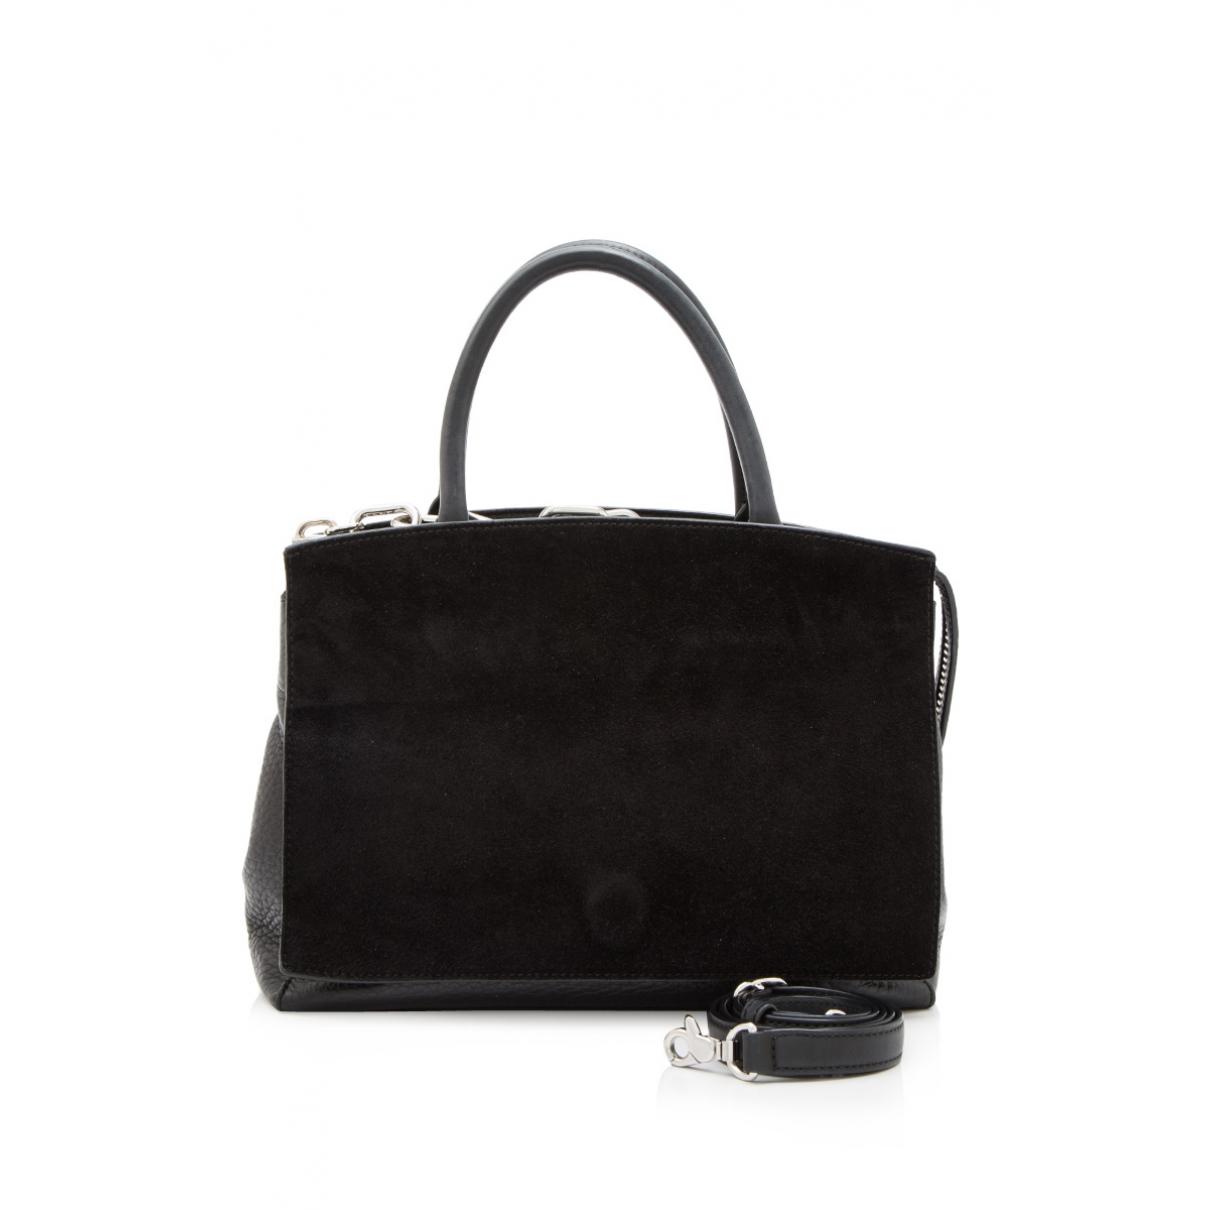 Alexander Wang \N Black Suede handbag for Women \N